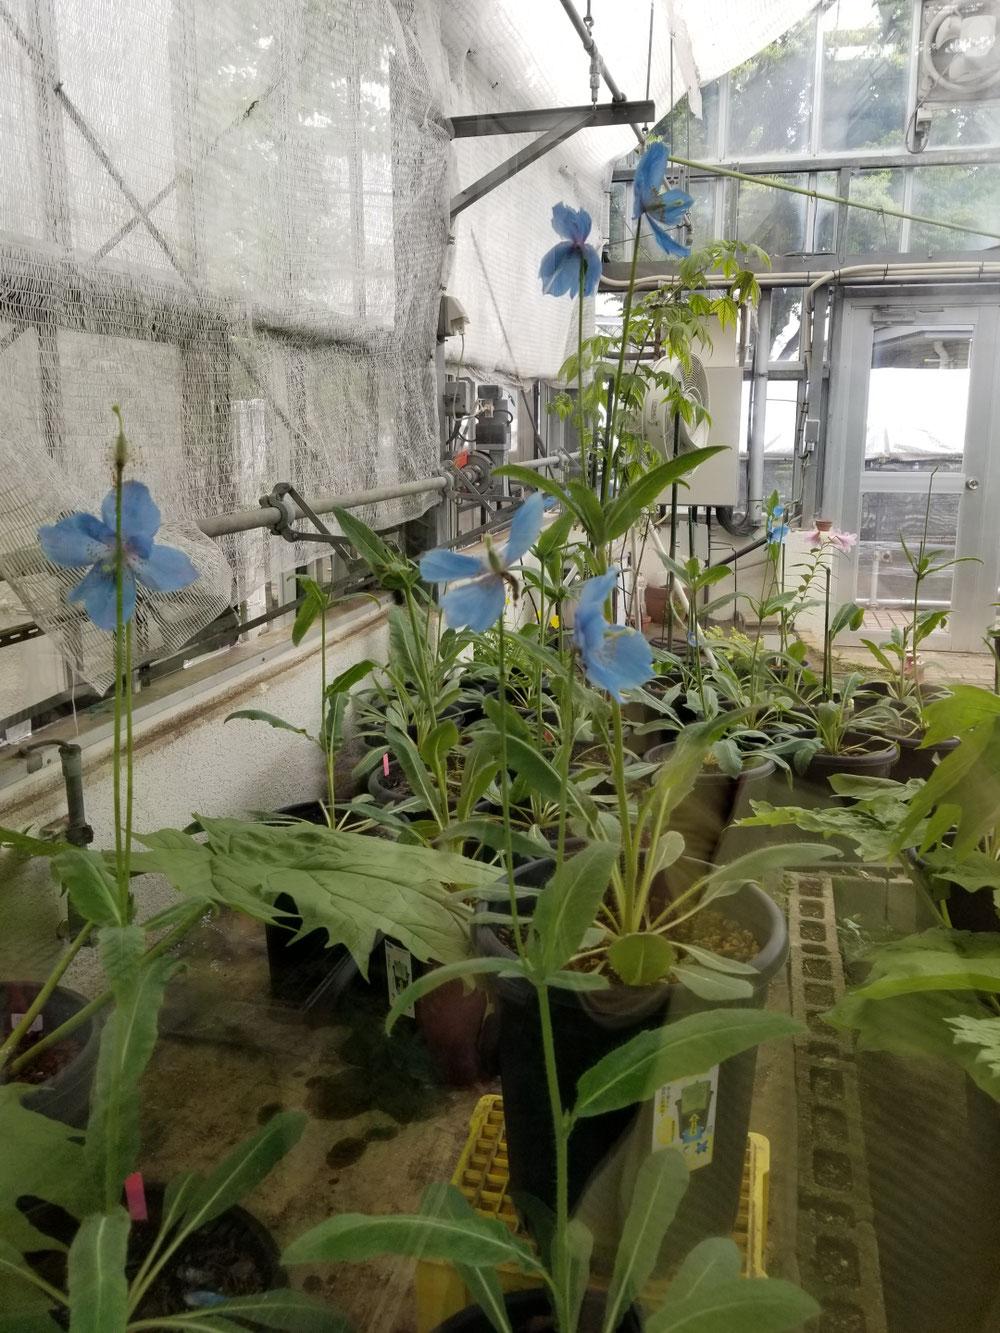 ブルーのケシの花